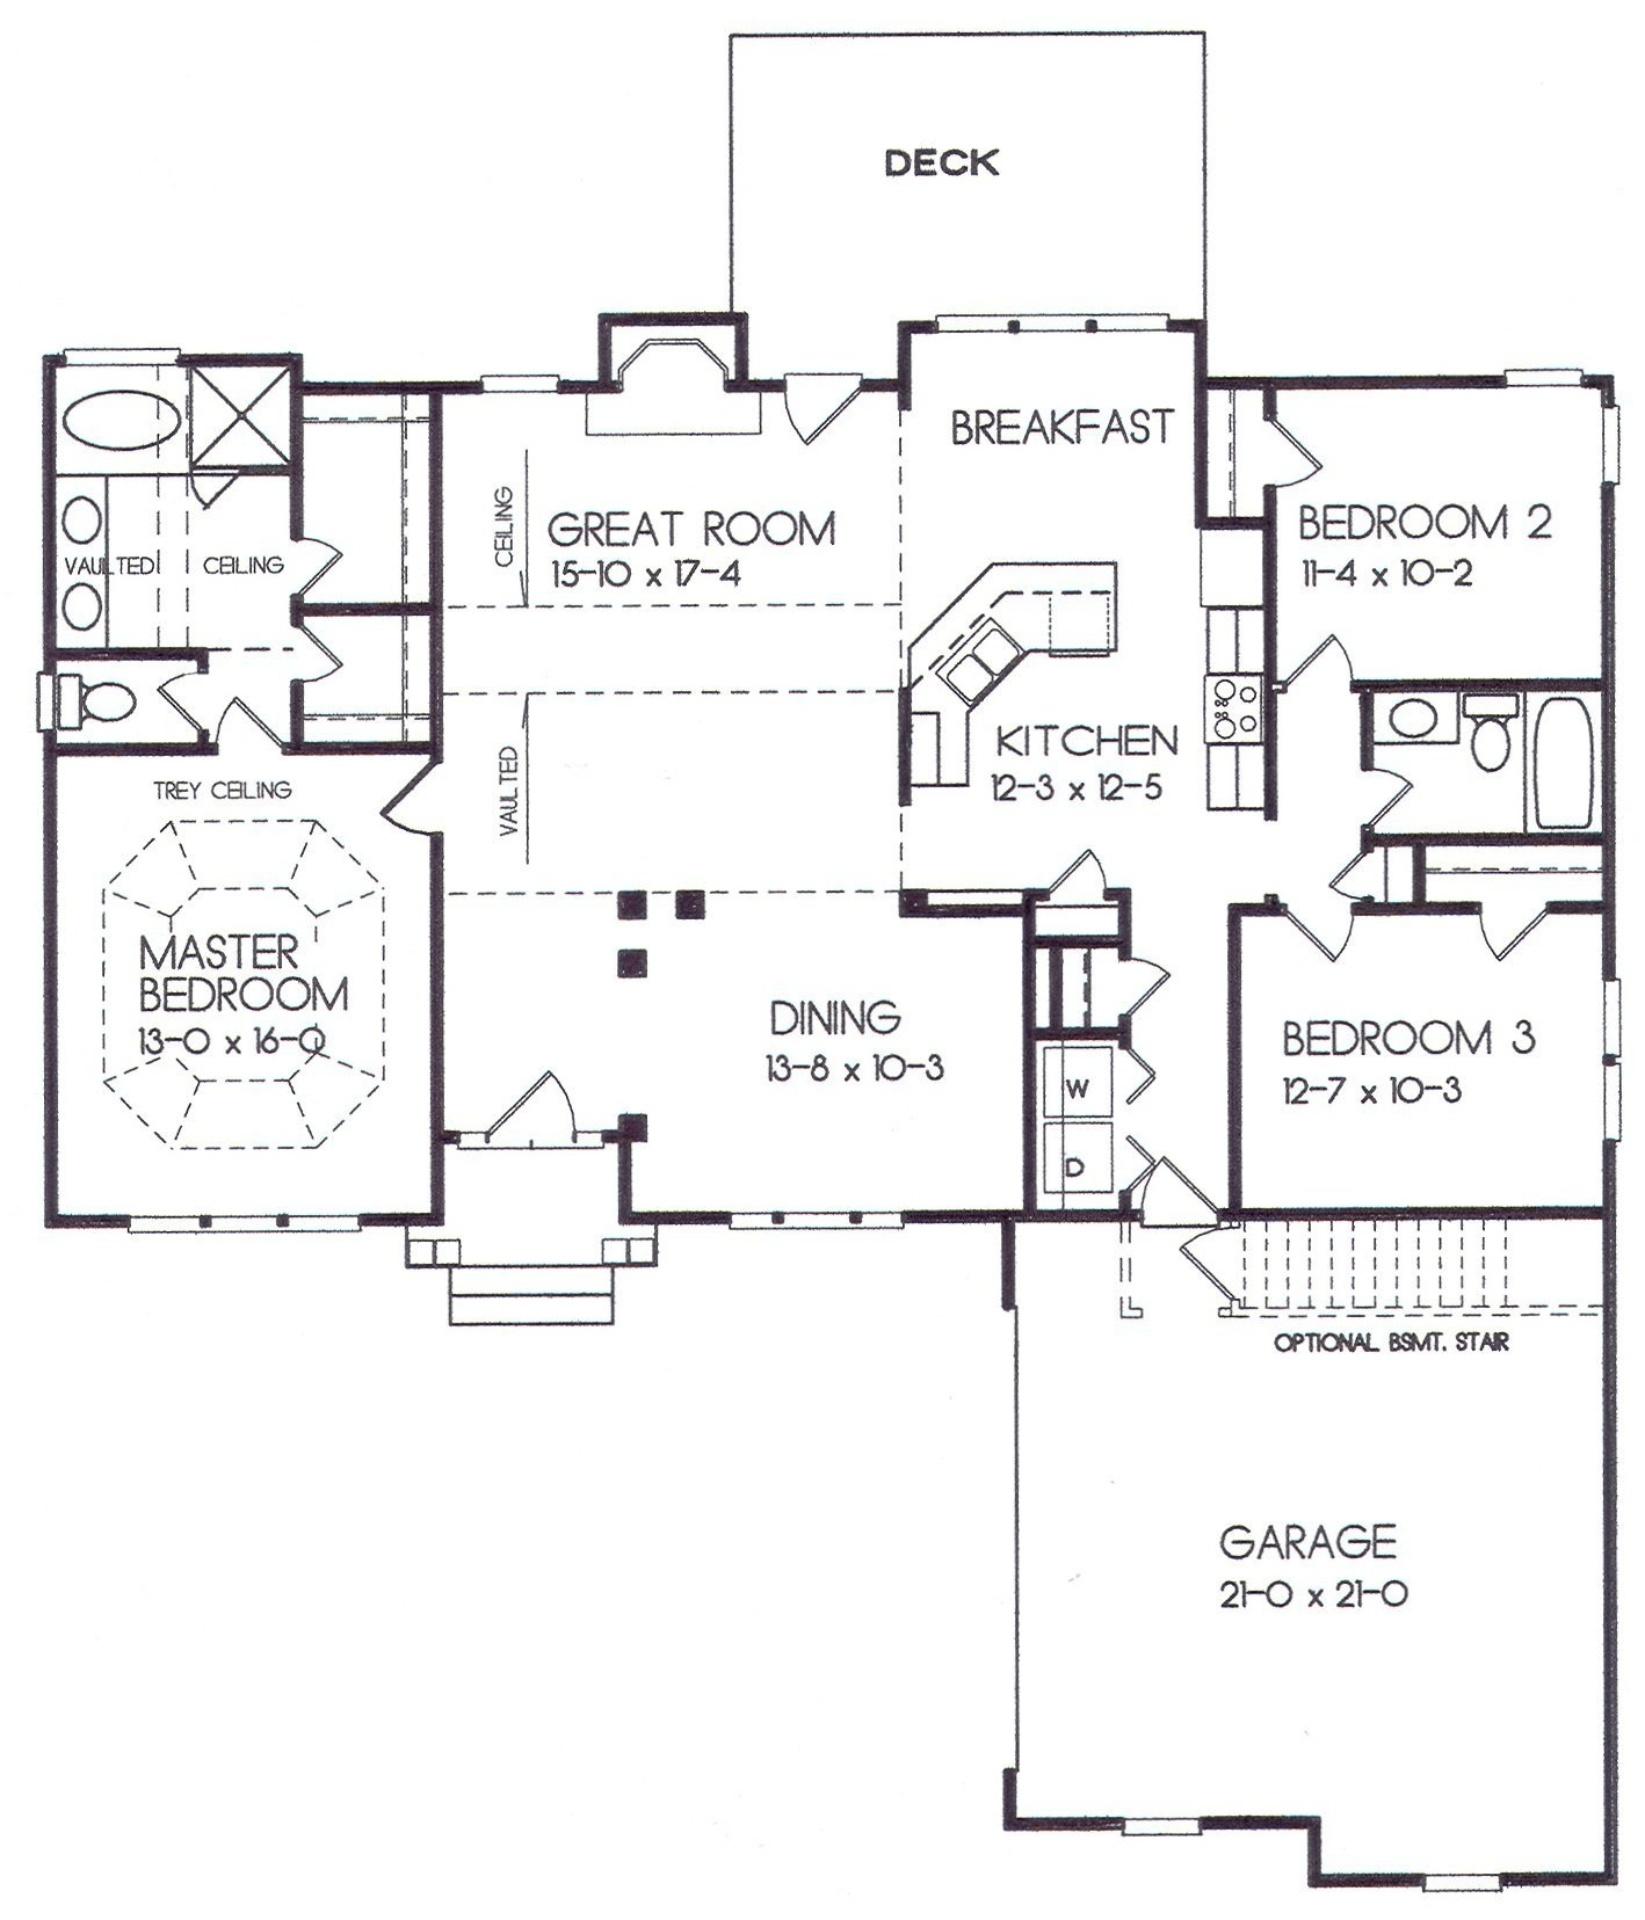 15-10 floor plan